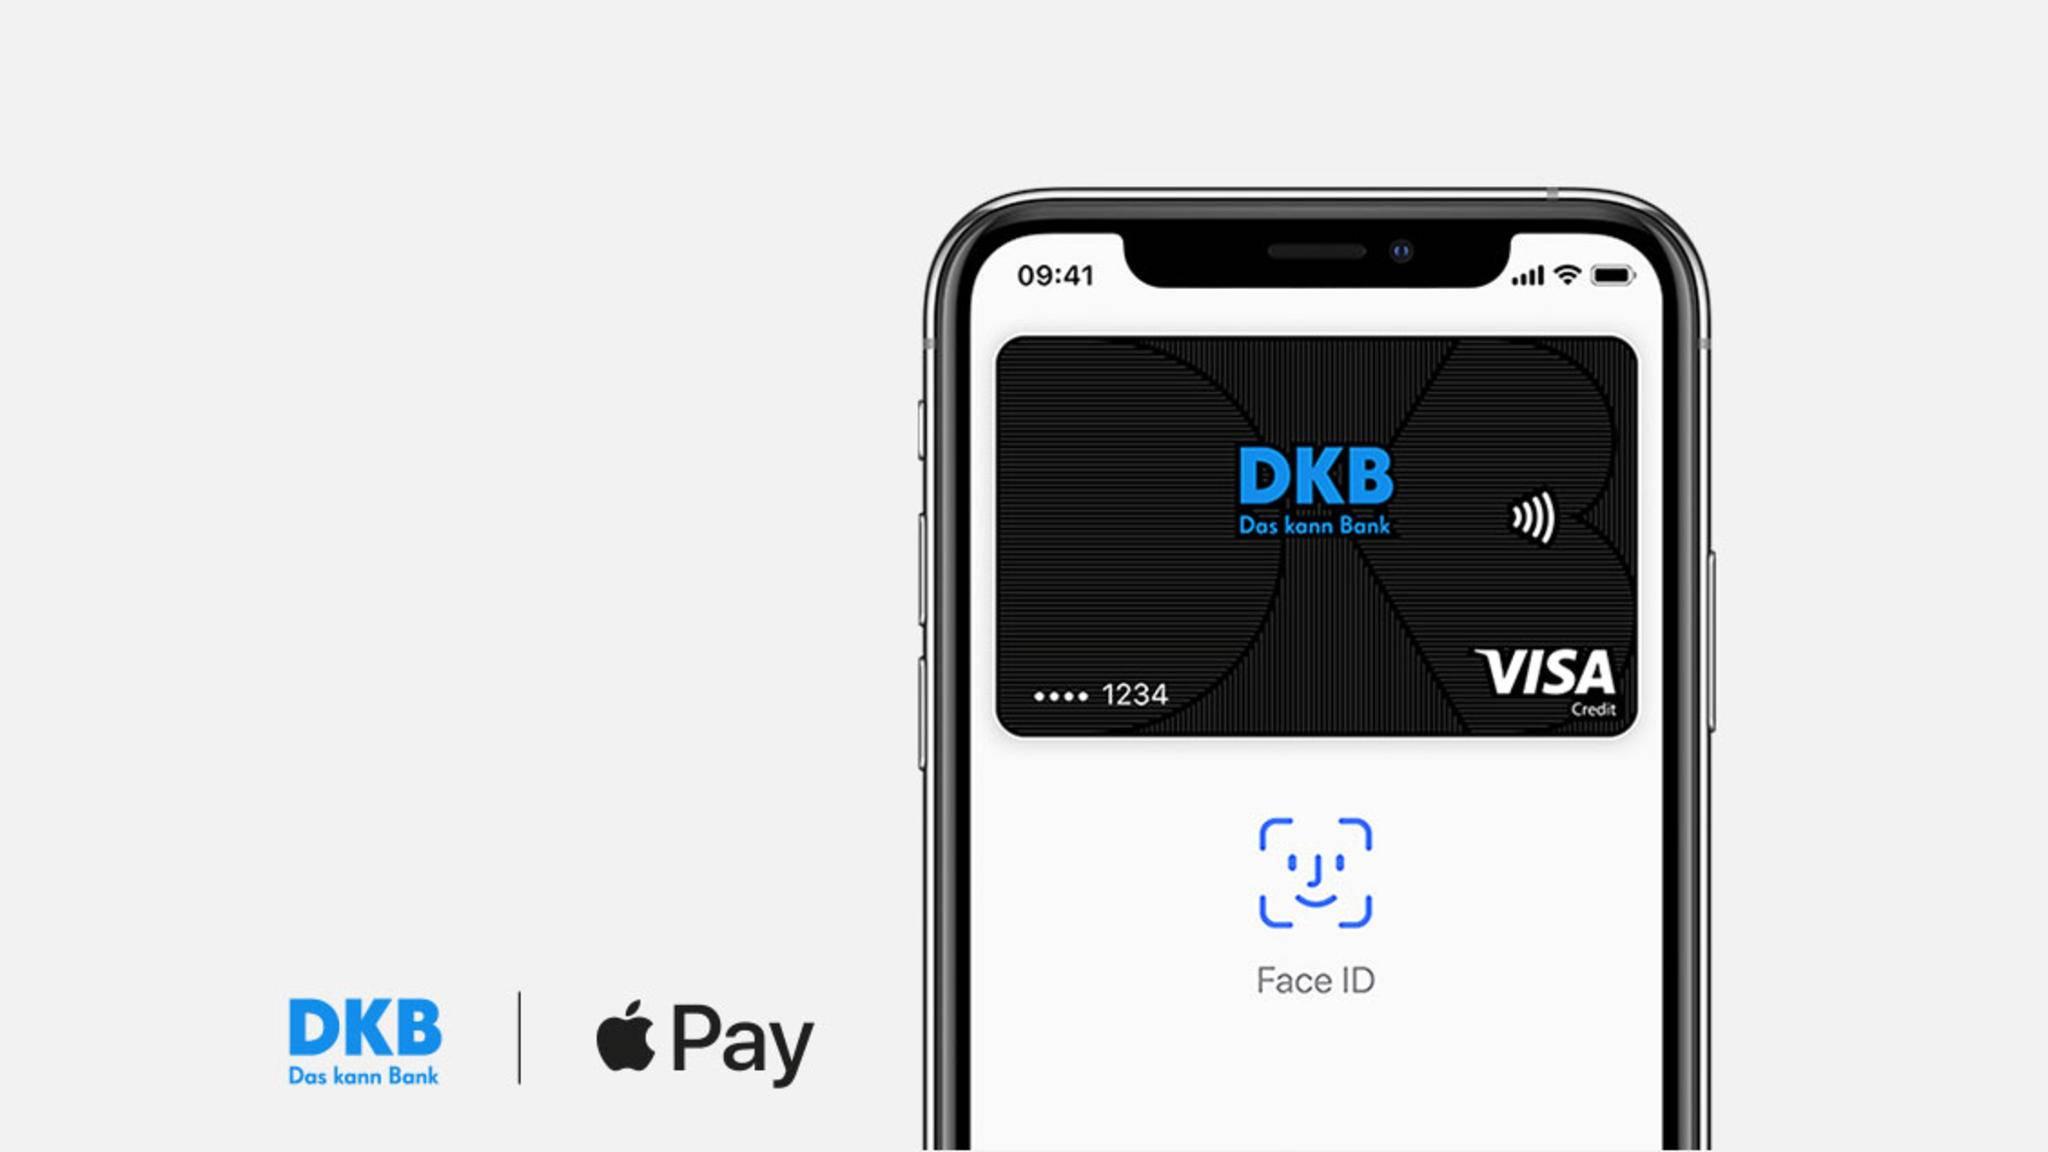 Ab sofort profitieren auch Kunden der DKB von Apple Pay.